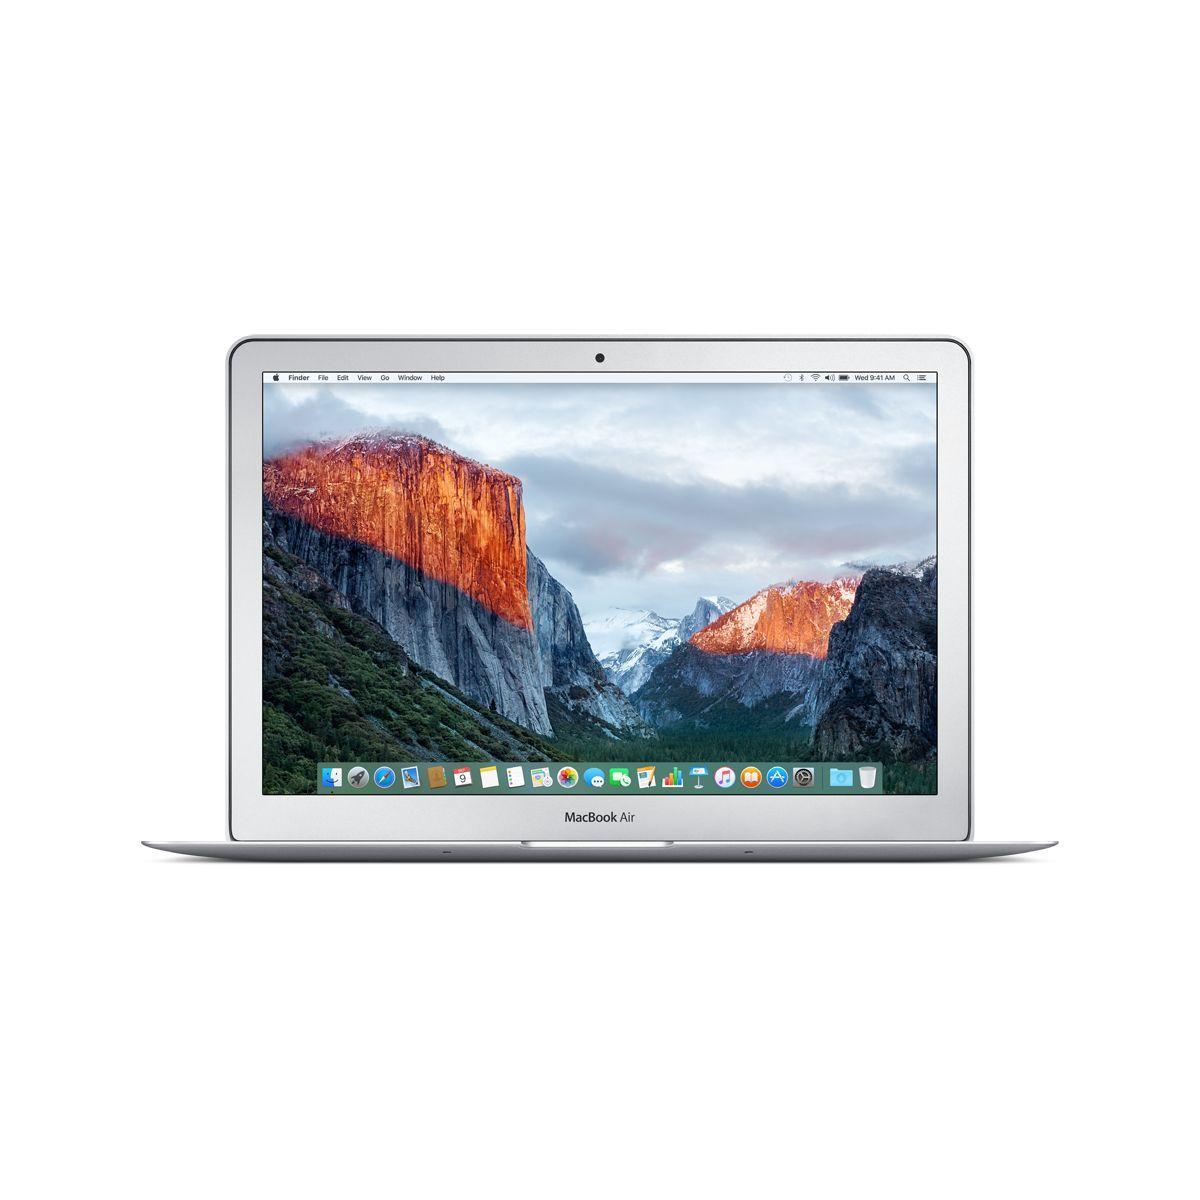 APPLE Macbook Air 13.3 i7 2.2GHz 256Go (photo)